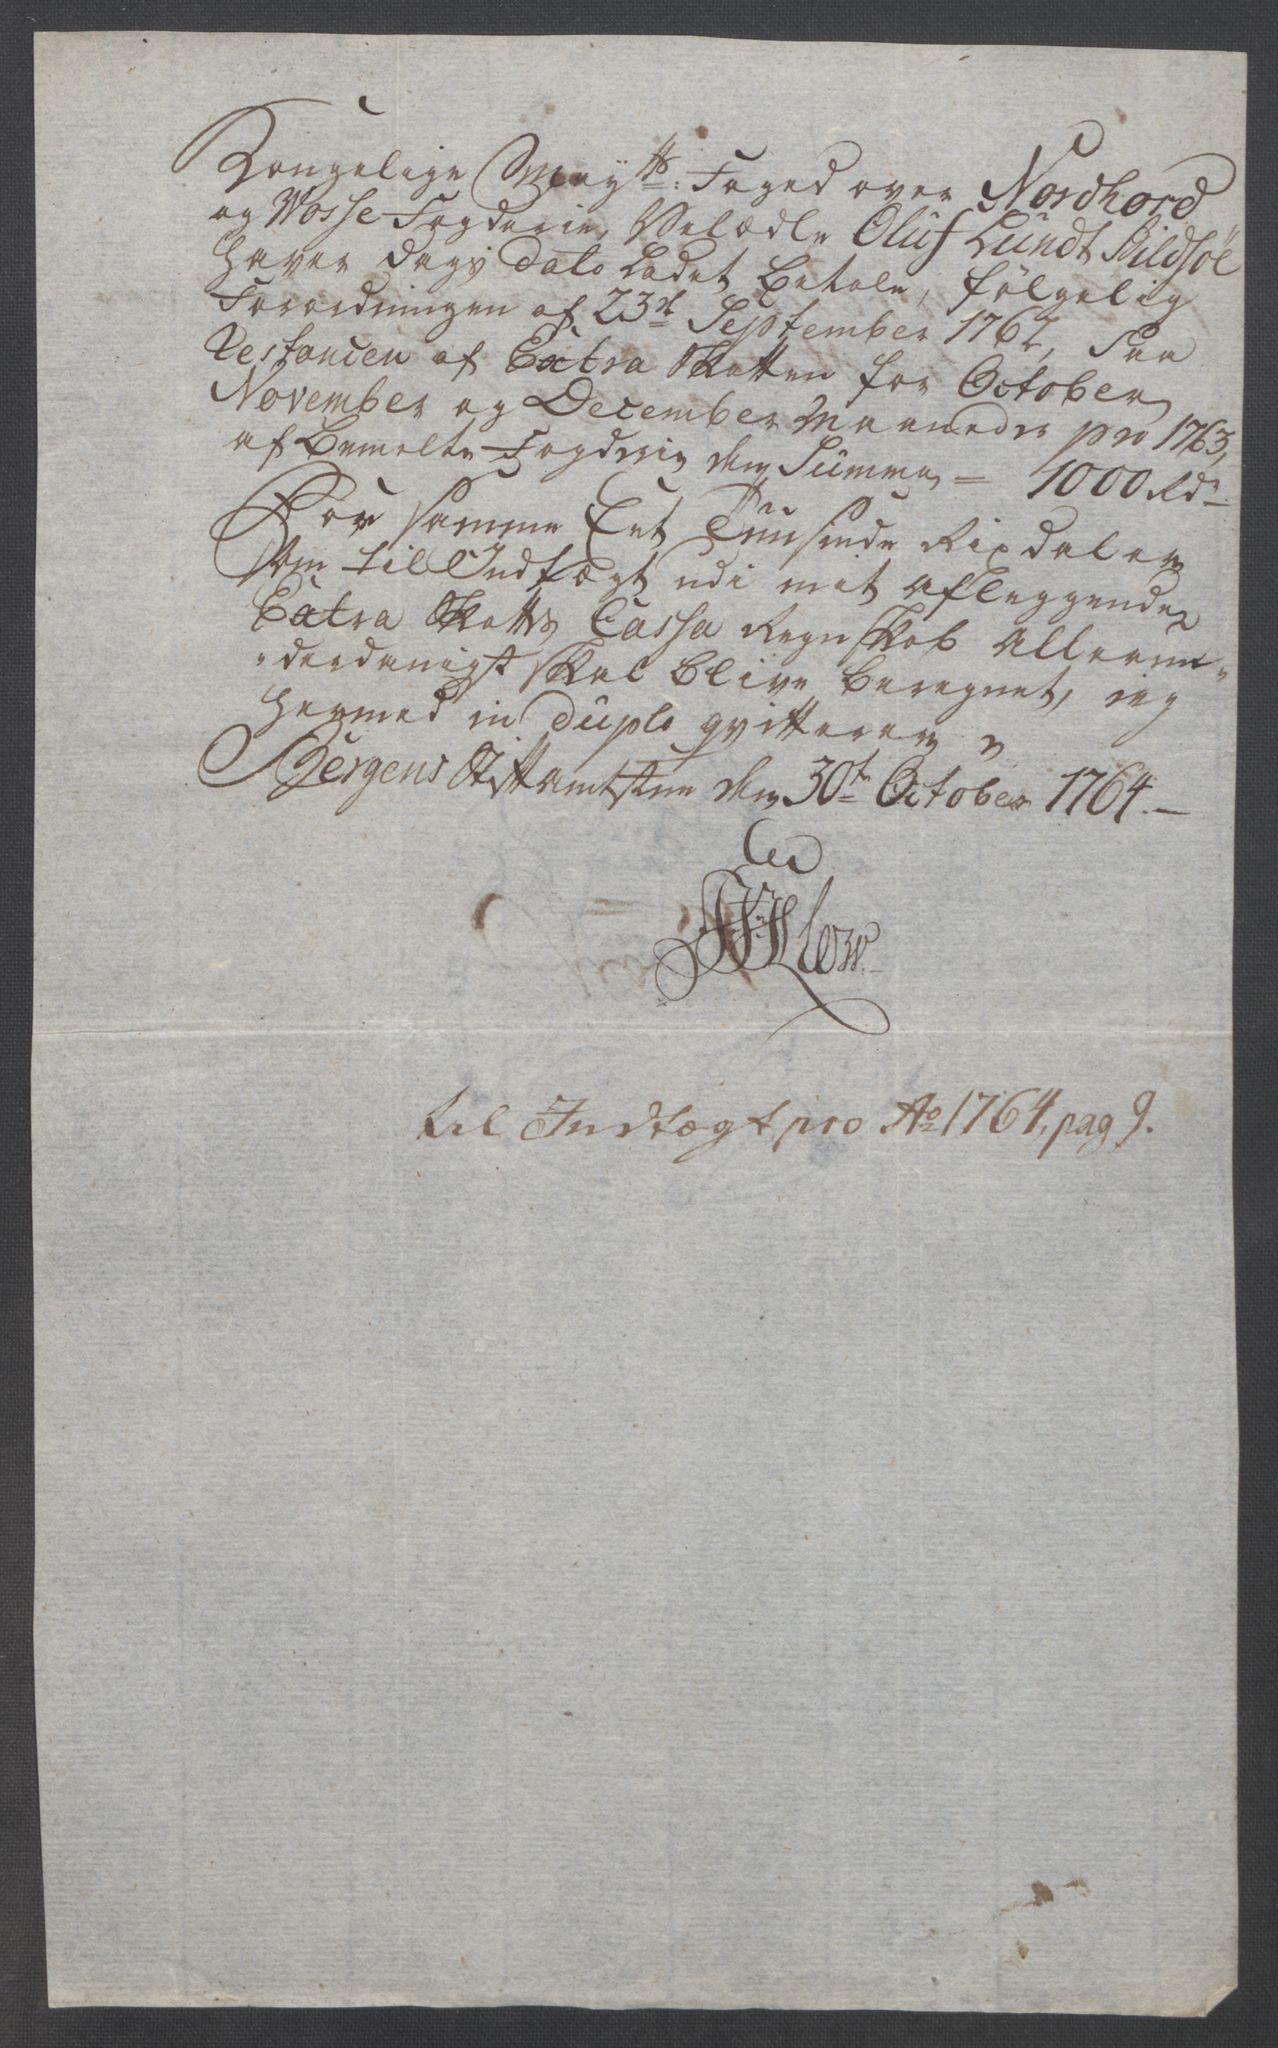 RA, Rentekammeret inntil 1814, Reviderte regnskaper, Fogderegnskap, R51/L3303: Ekstraskatten Nordhordland og Voss, 1762-1772, s. 85